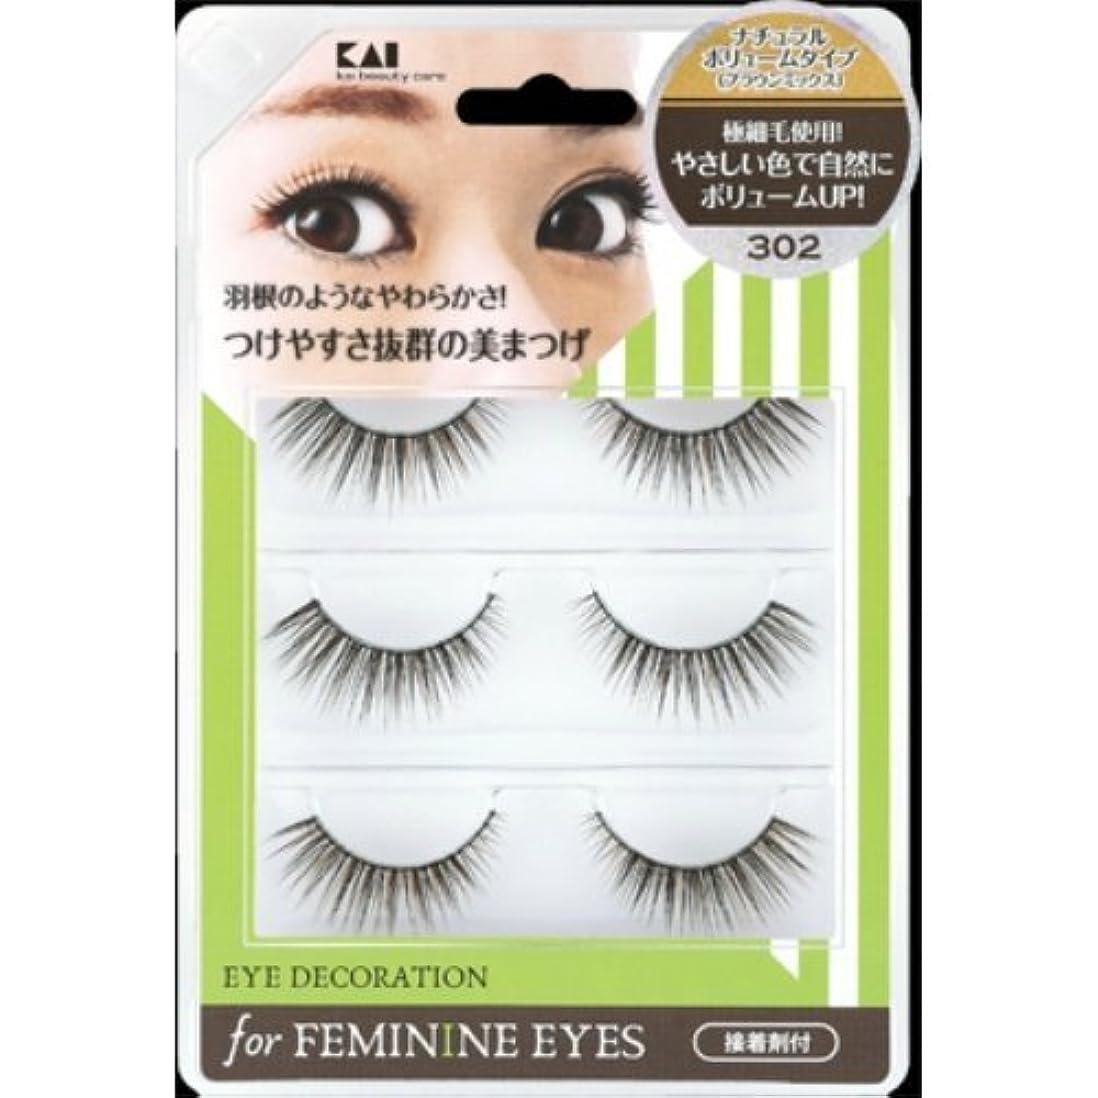 戸棚組み合わせる同情貝印 アイデコレーション for feminine eyes 302 HC1562